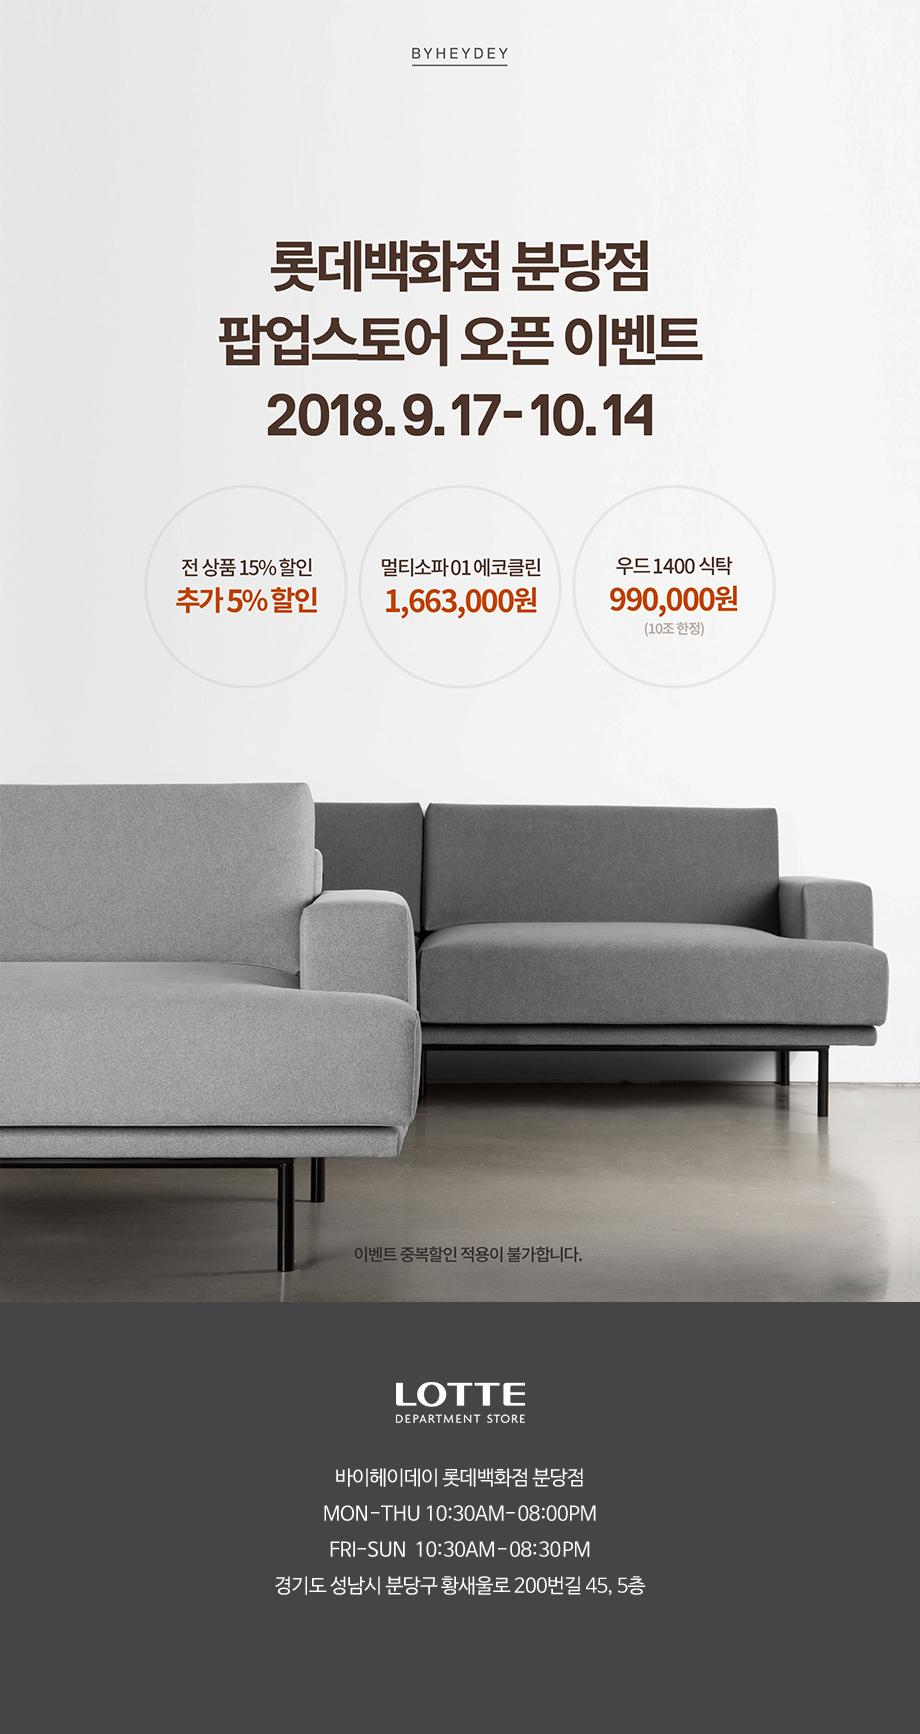 롯데백화점 분당점 입점 기념 이벤트 2018.9.17 - 2018.10.14